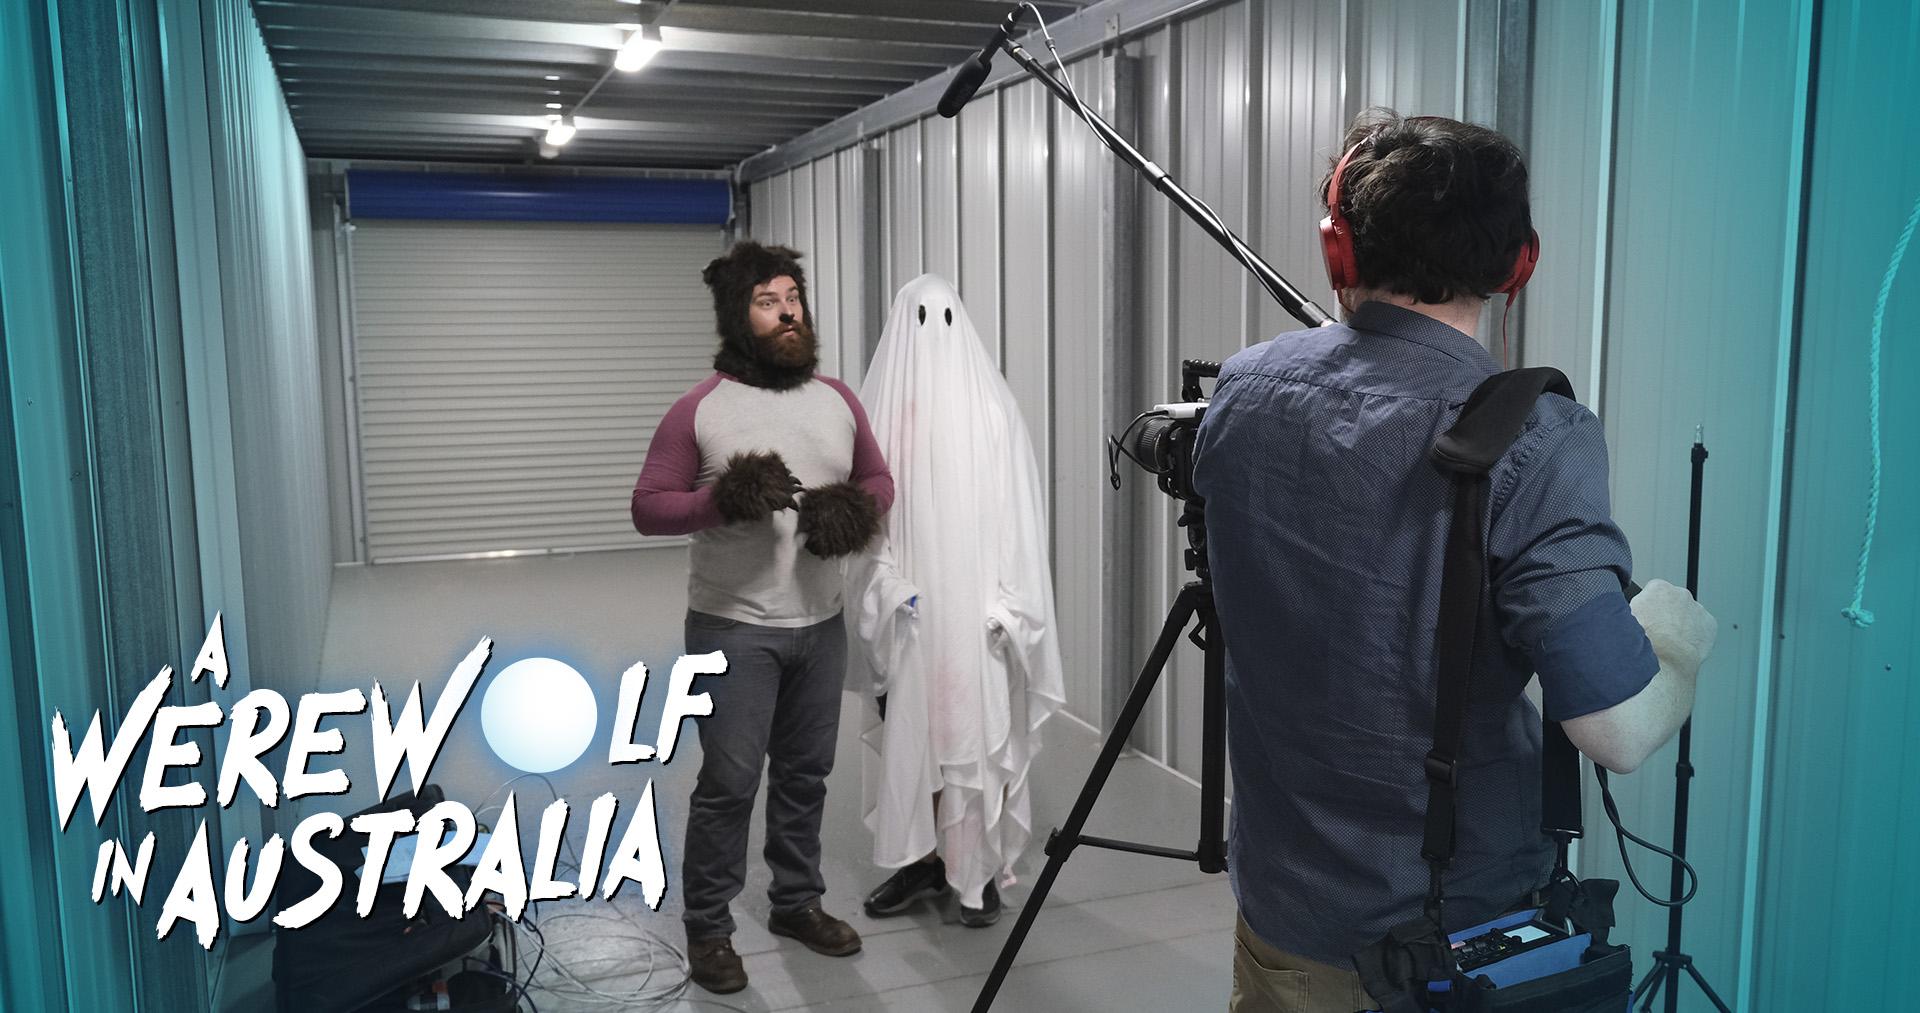 A Werewolf in Australia Behind the Scenes Still